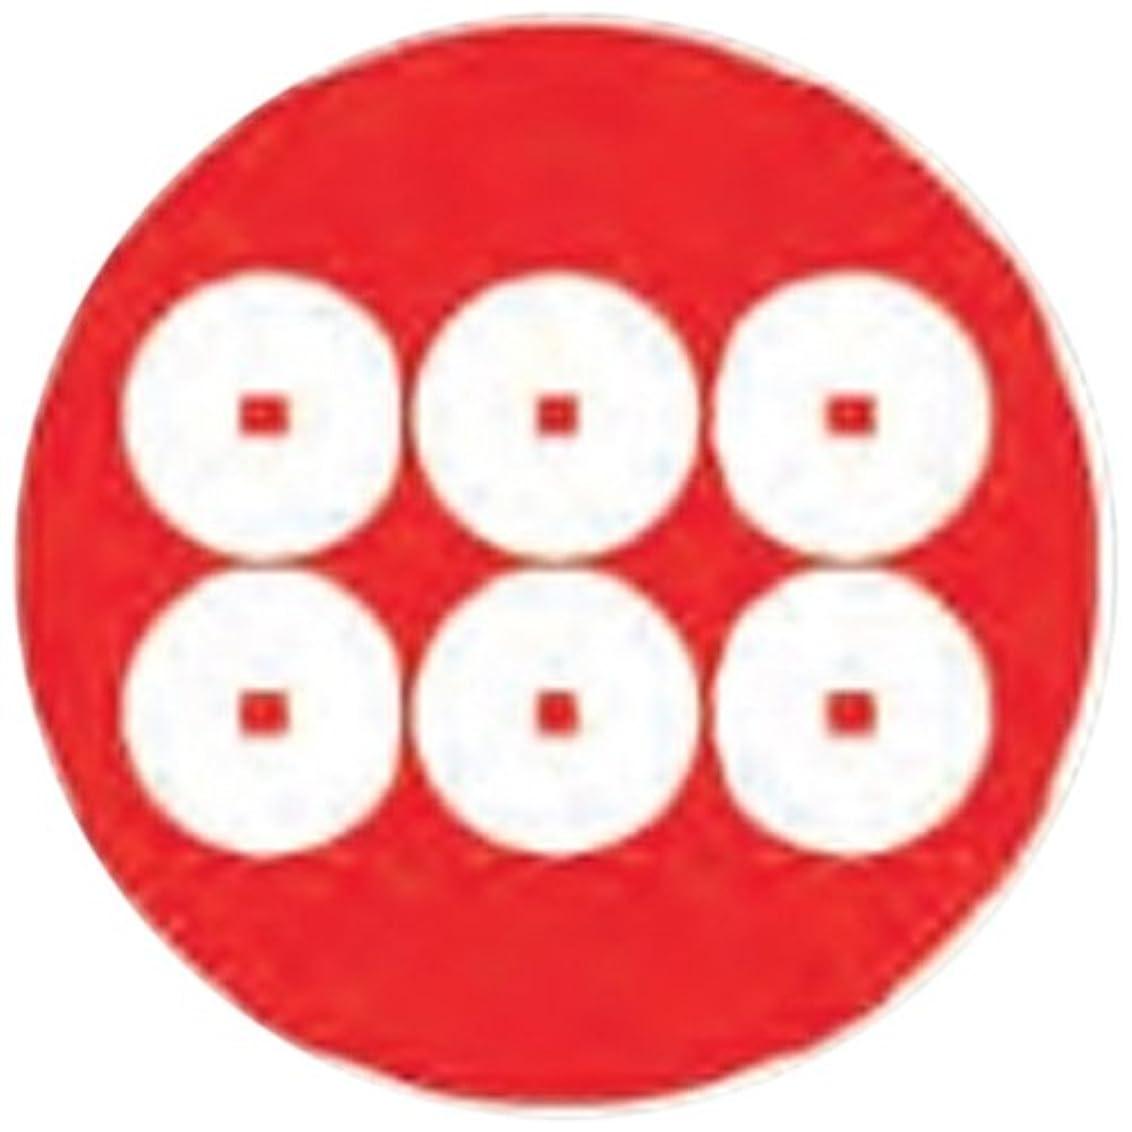 そのようなギャンブル征服するその他メーカー その他 ラウンド小物 ホクシン交易 真田六文銭 マーカー KAM060